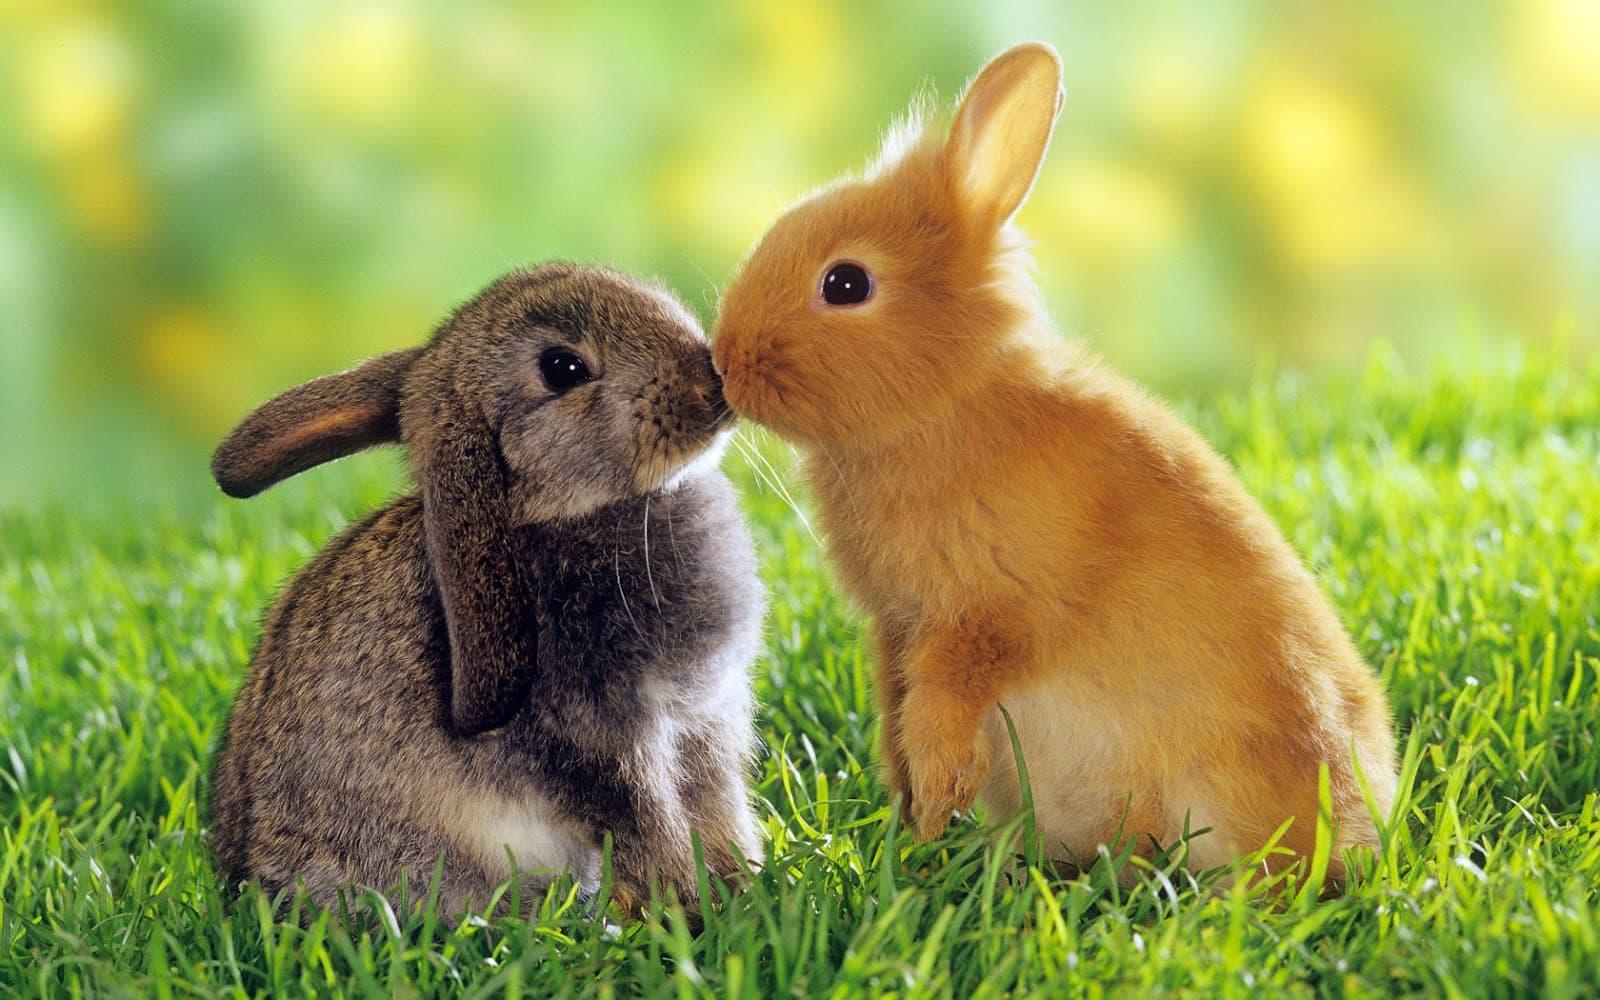 Hình nền hai chú thỏ dễ thương